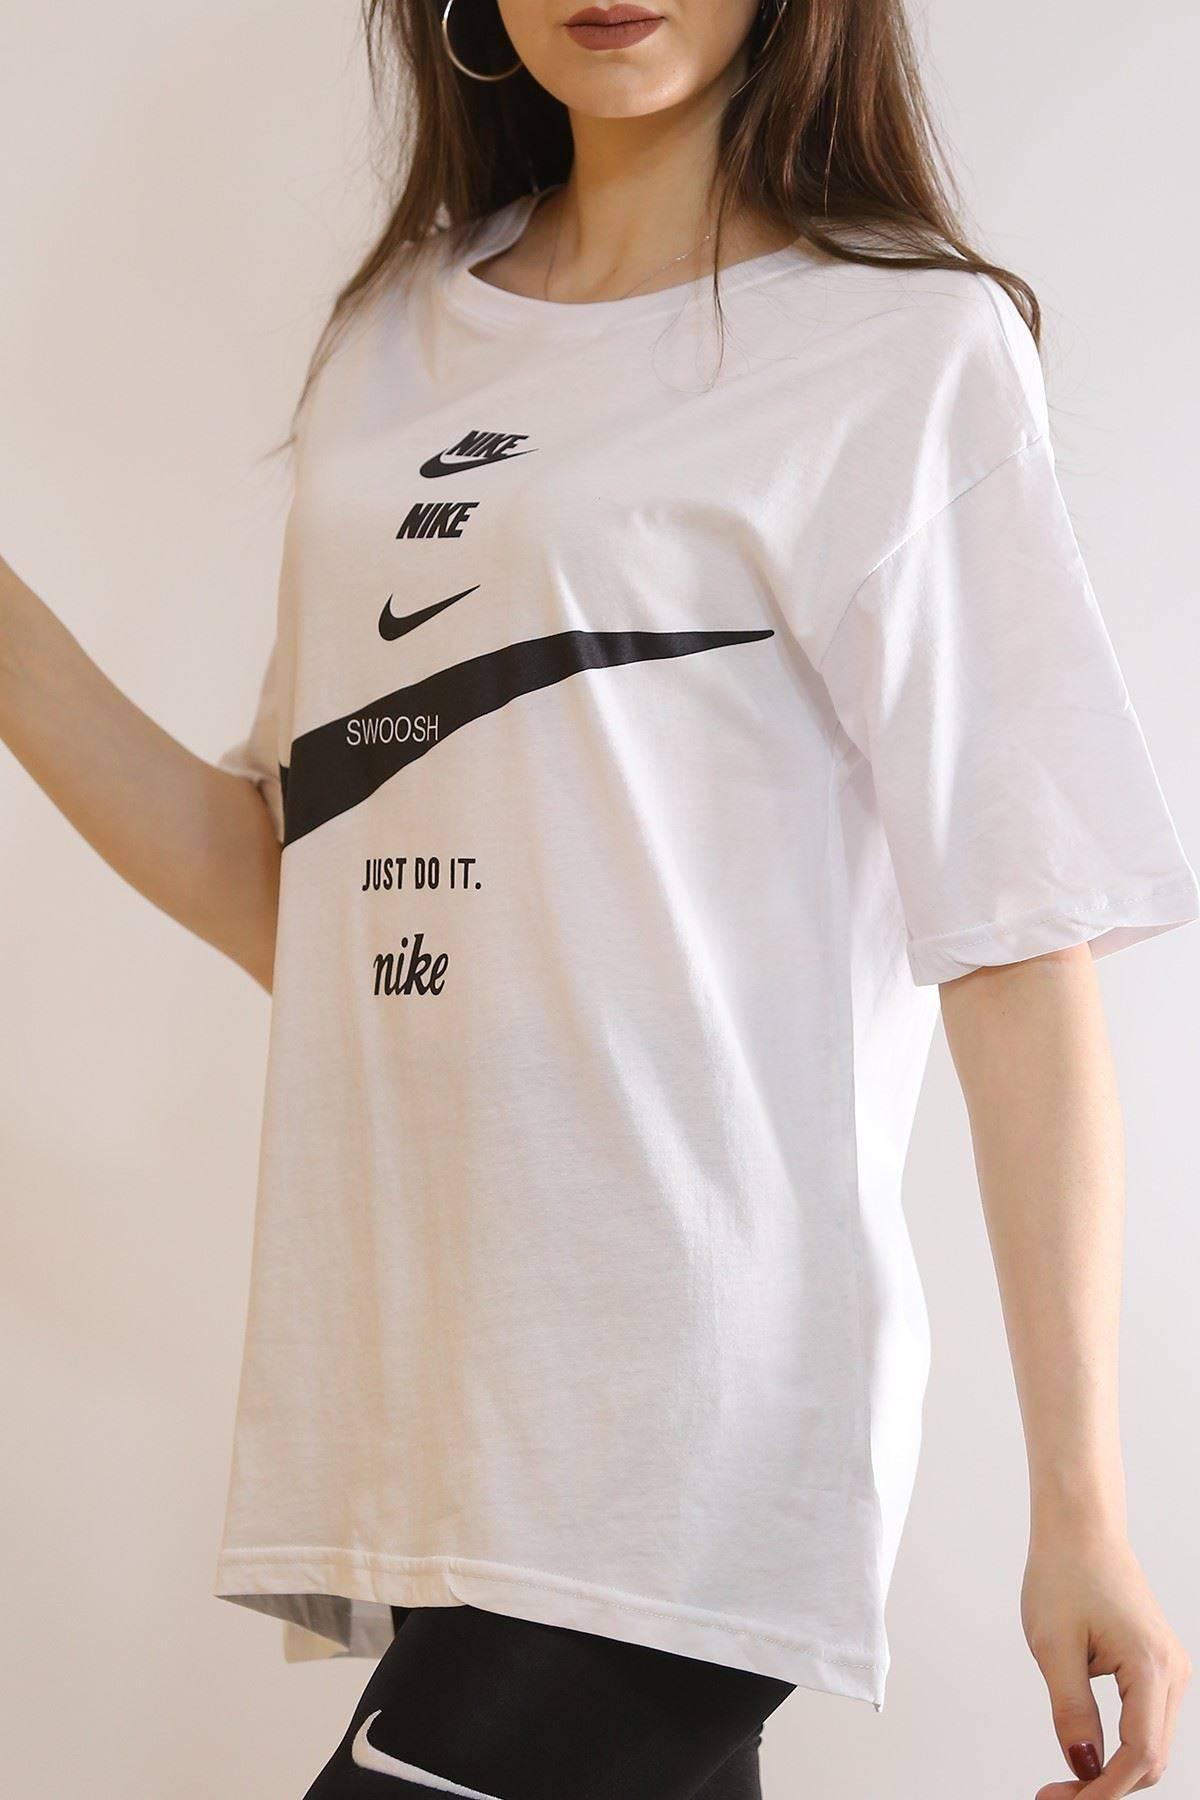 Baskılı Tişört Beyaz - 6069.1247.